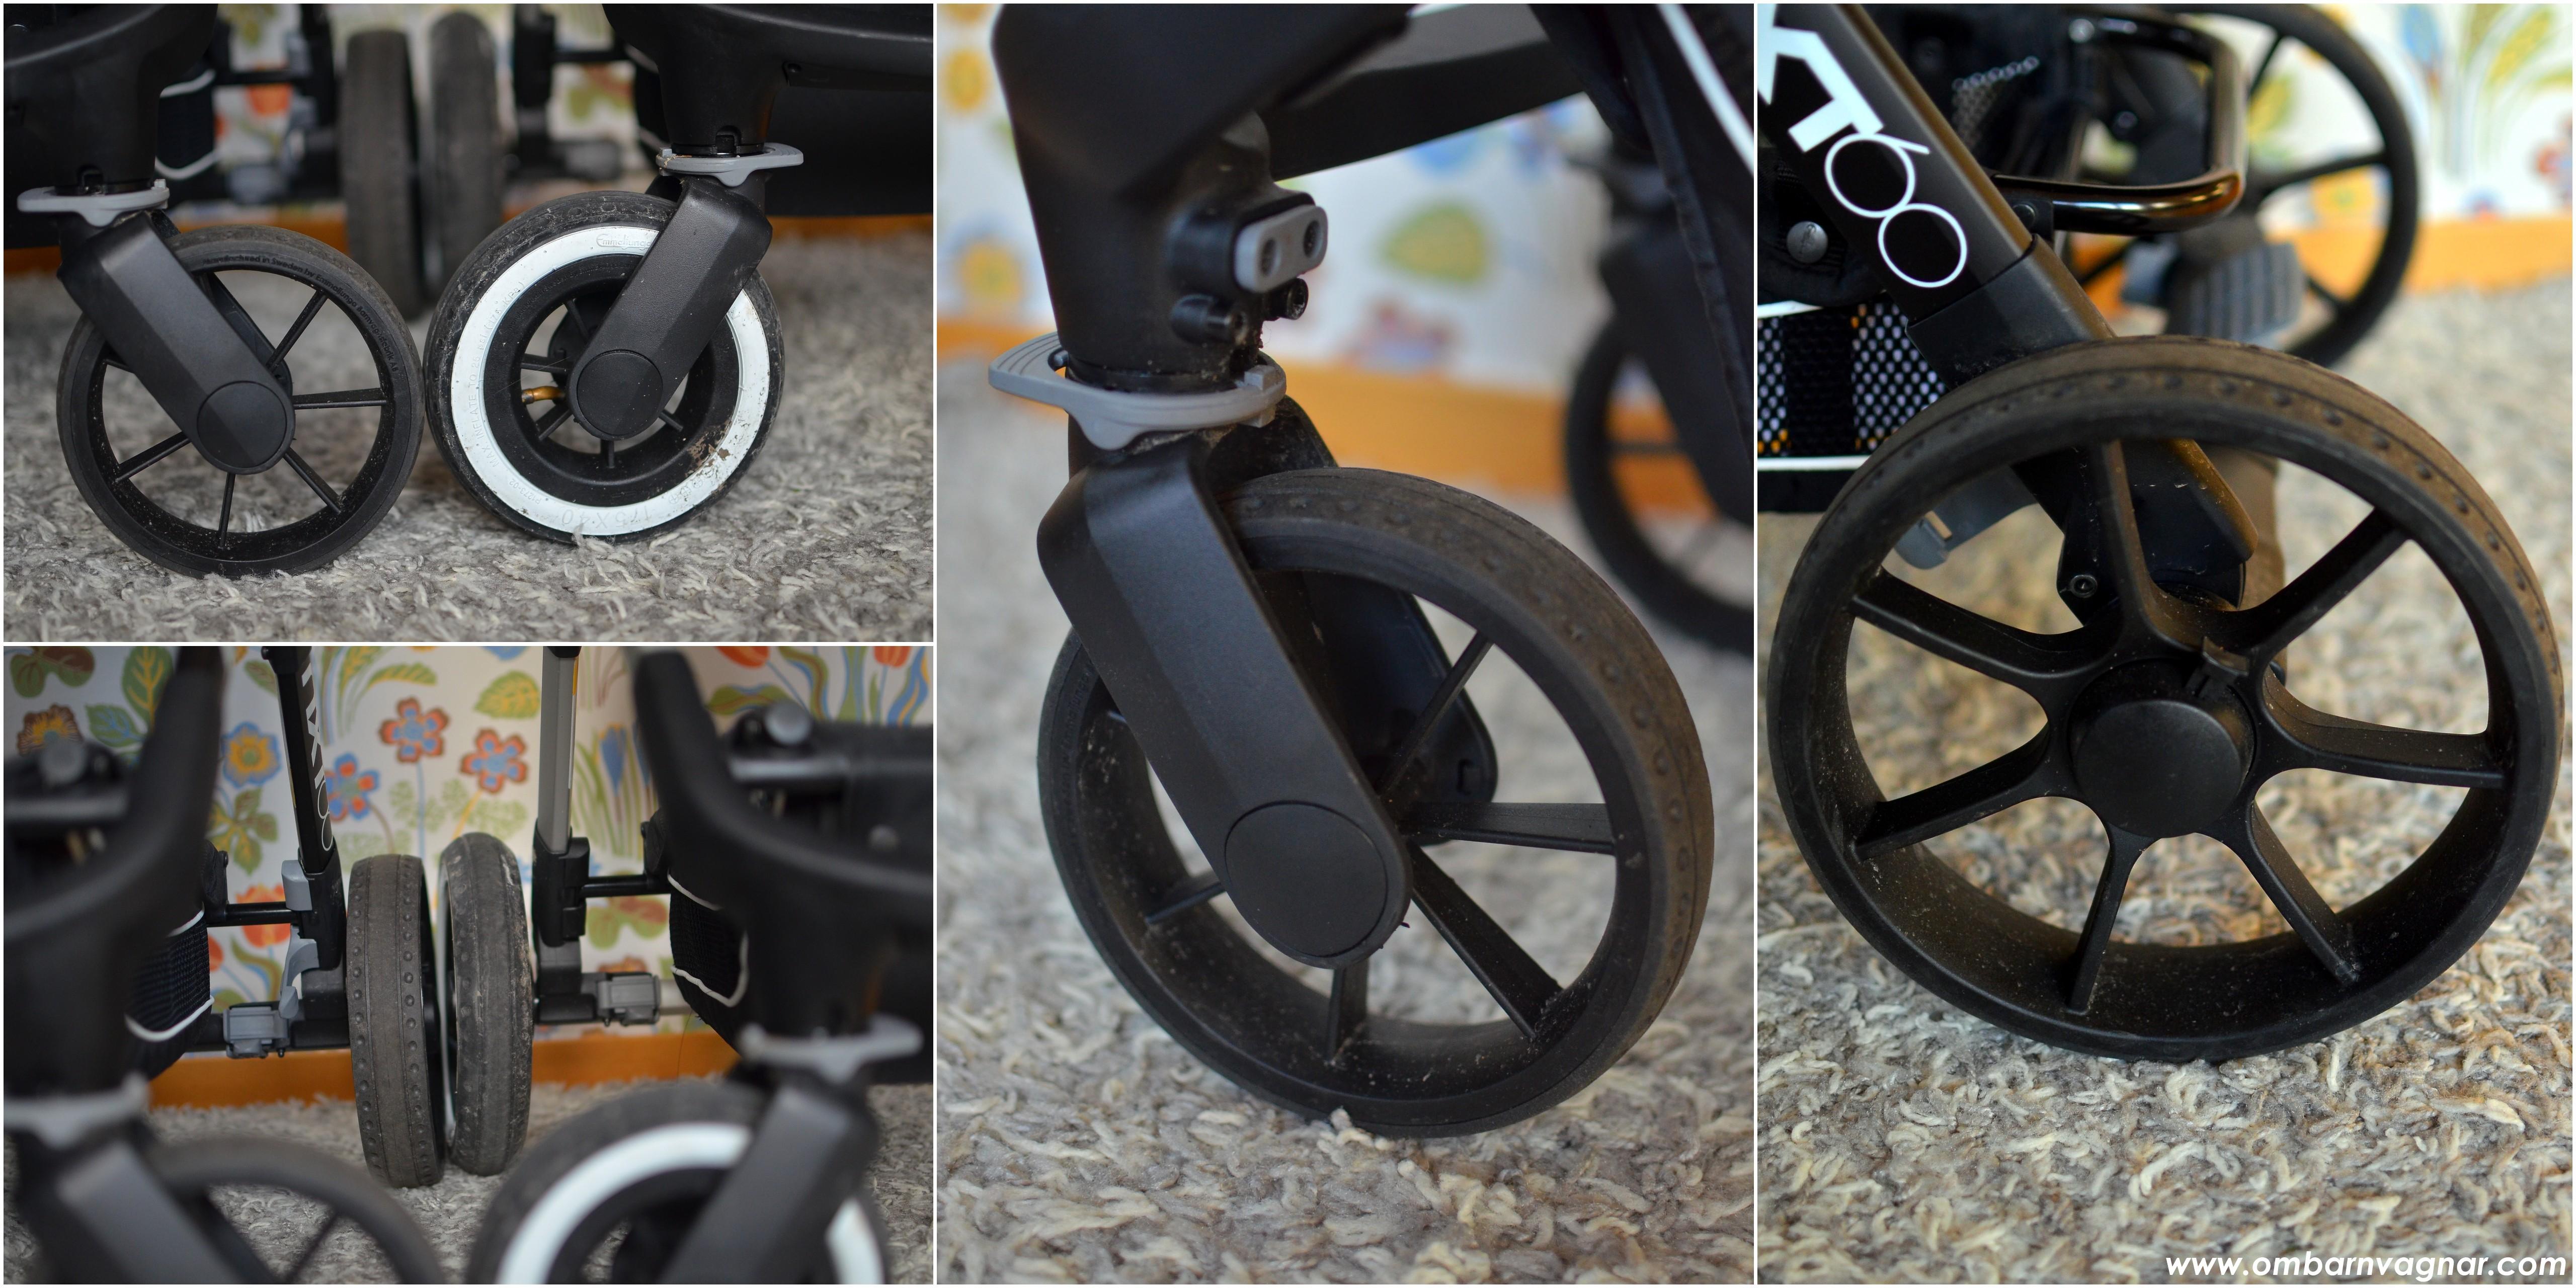 NXT60 med lufthjul och med punkteringsfria däck